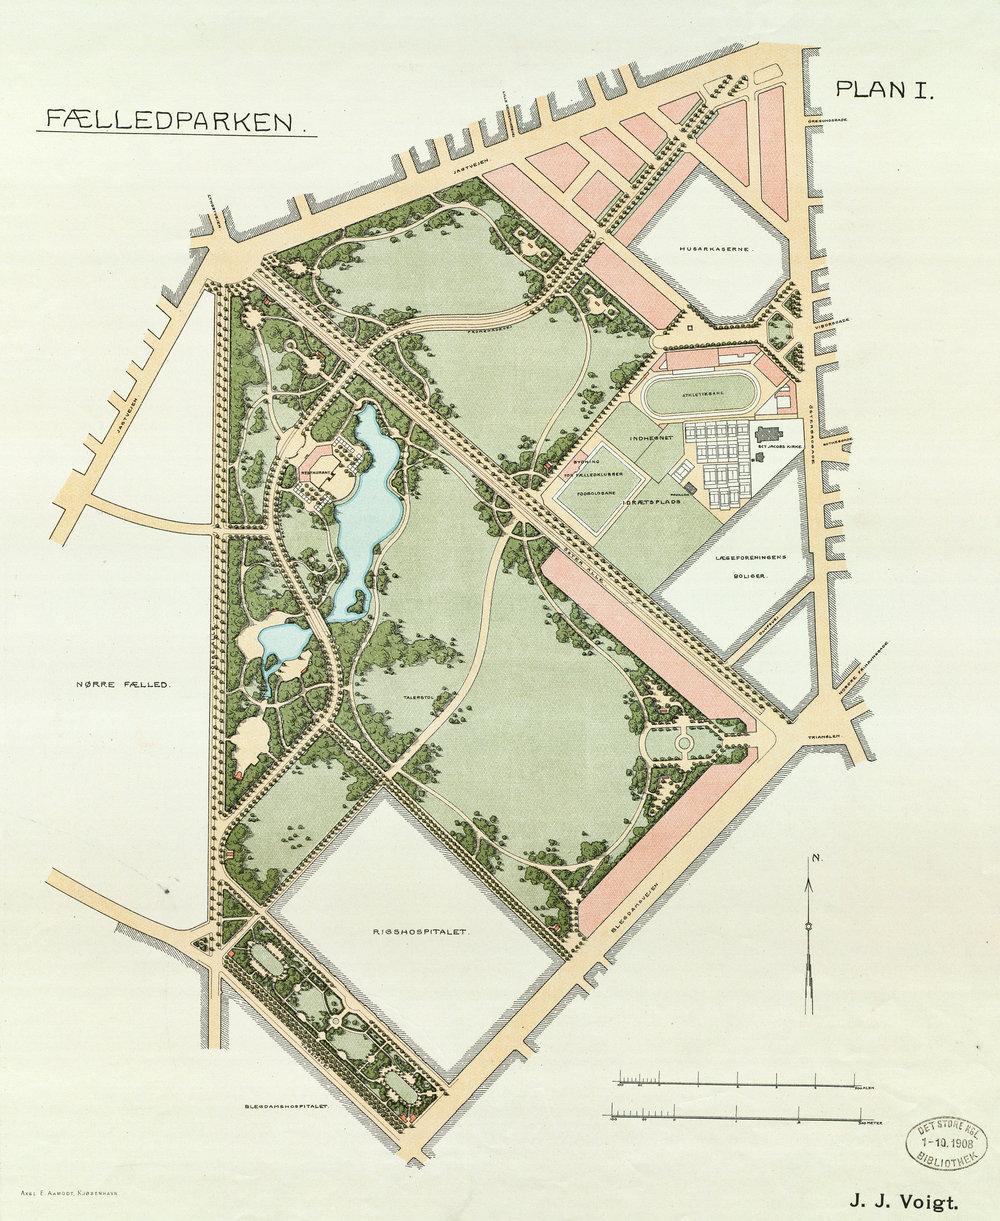 Fælledparken_1908_by_J.J._Voigt.jpg